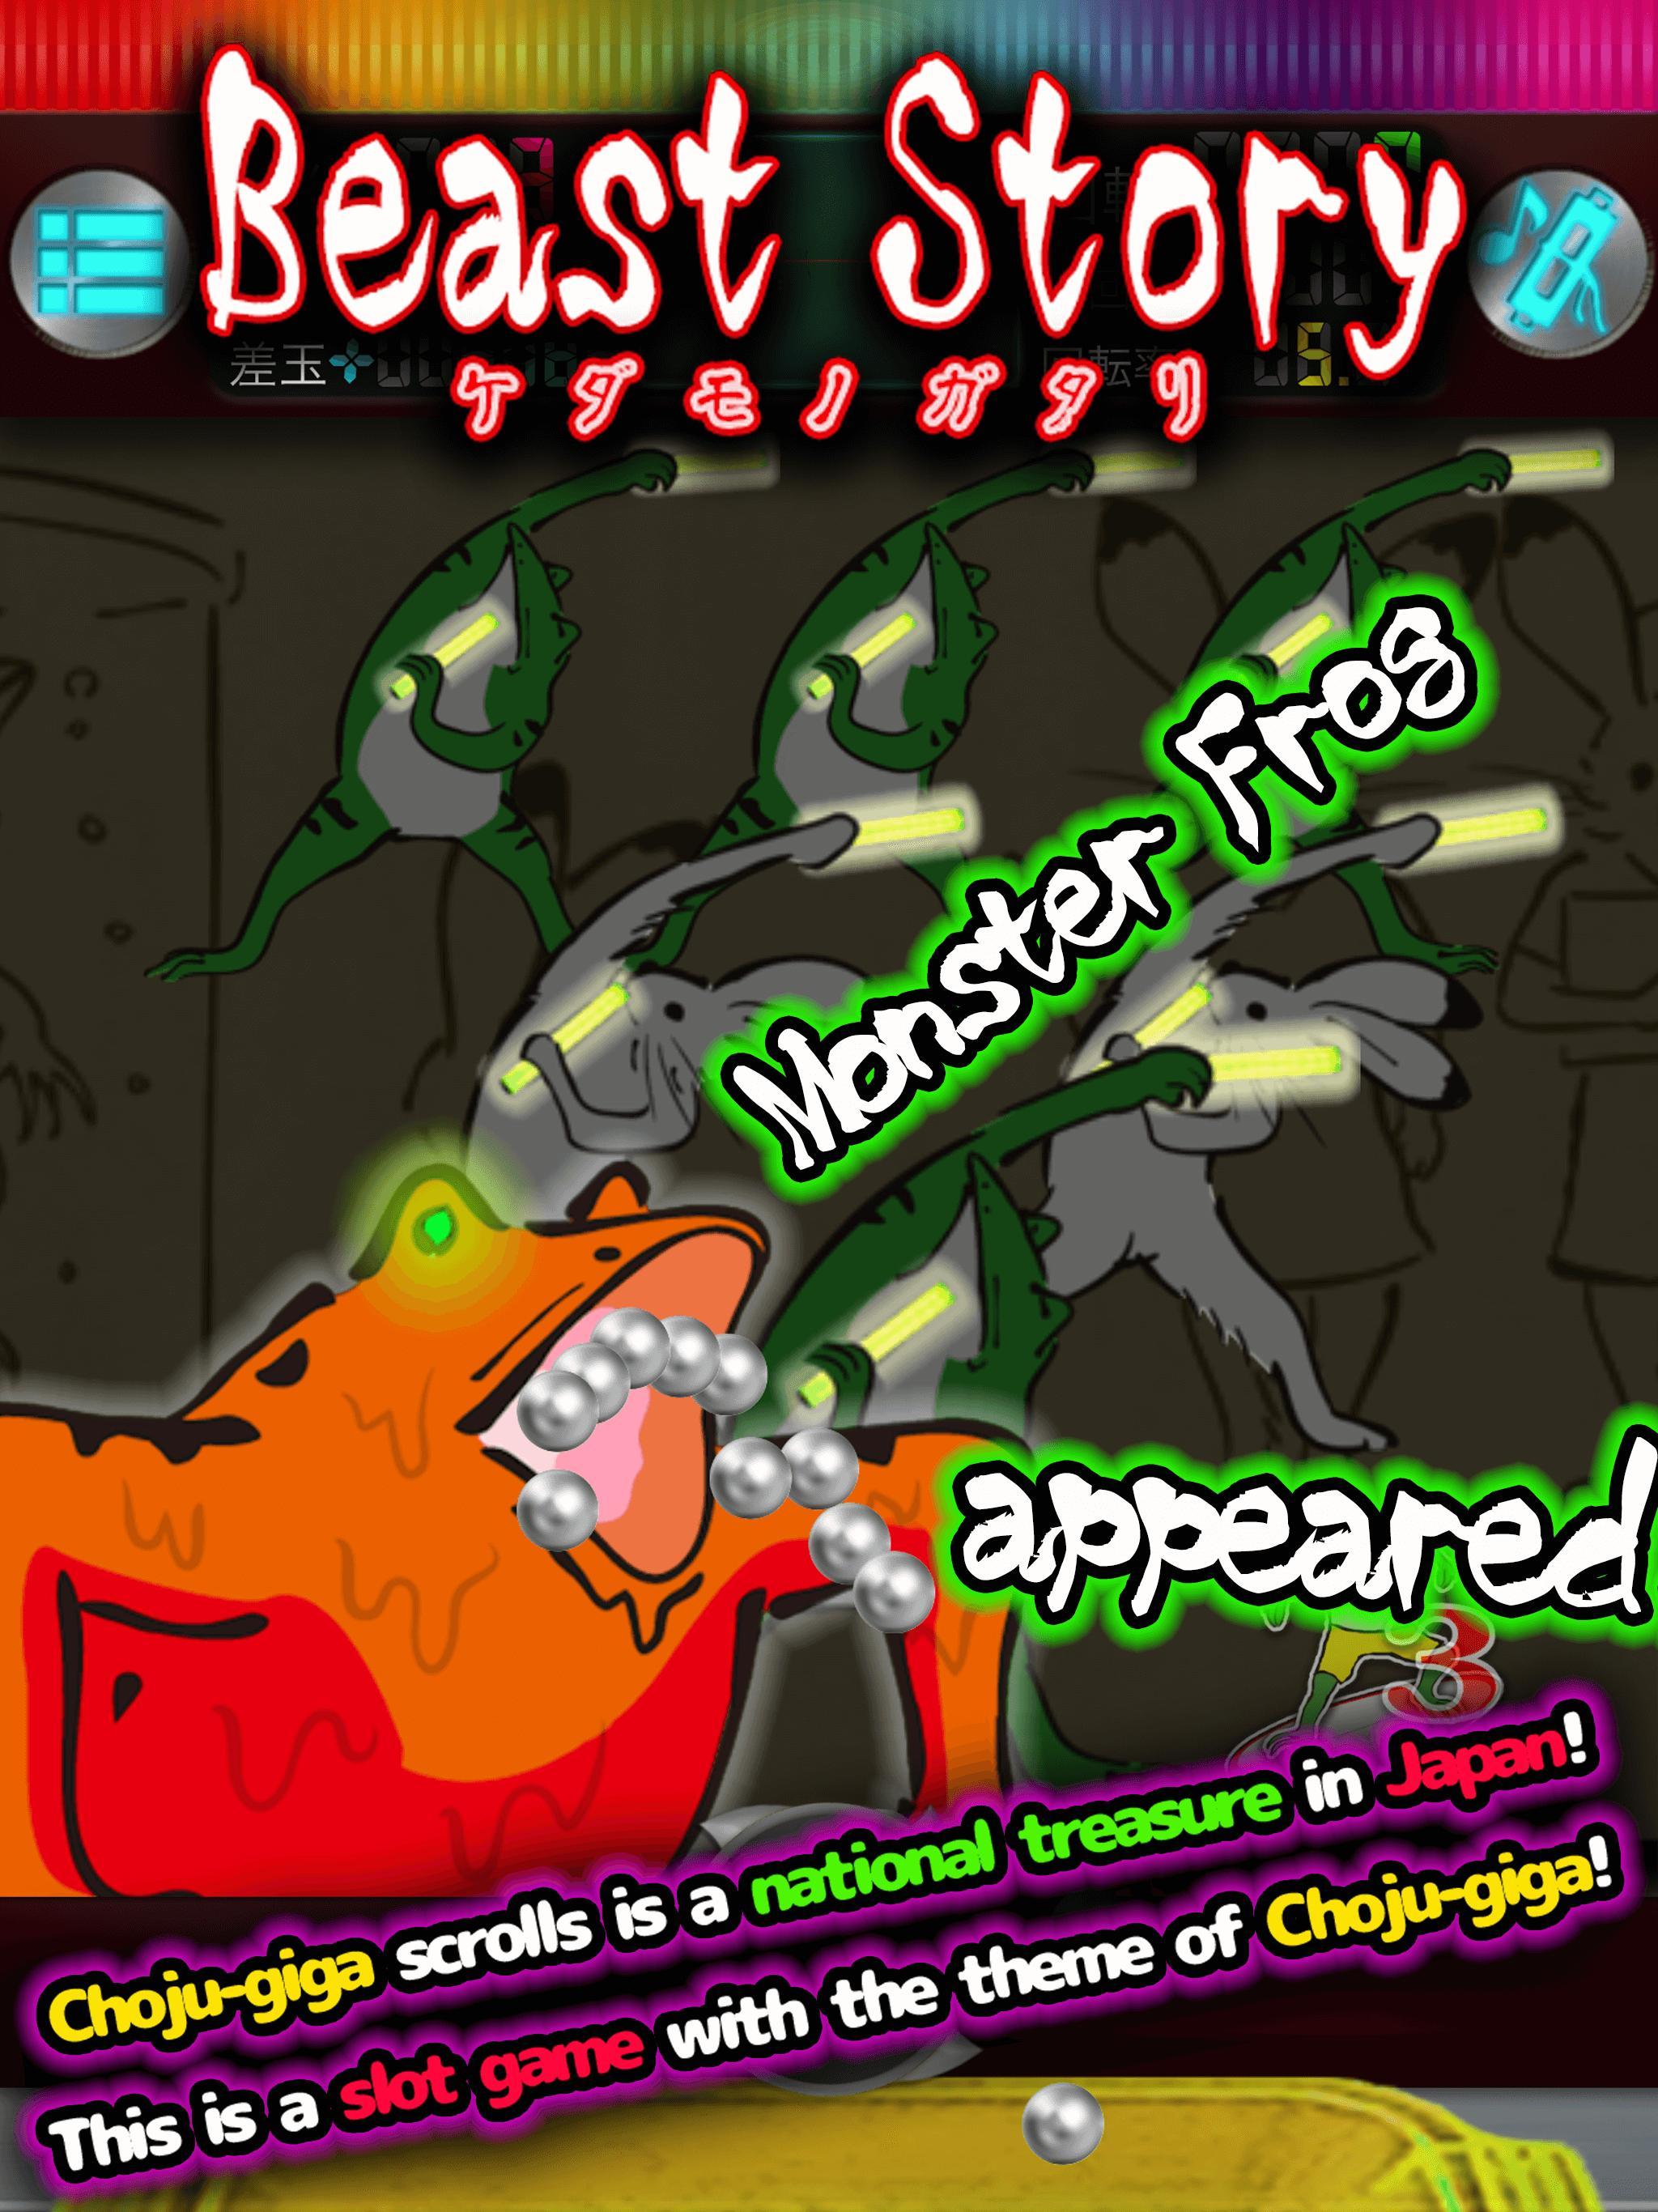 Beast Story Pachinko Slot Game 1.0.1 Screenshot 11